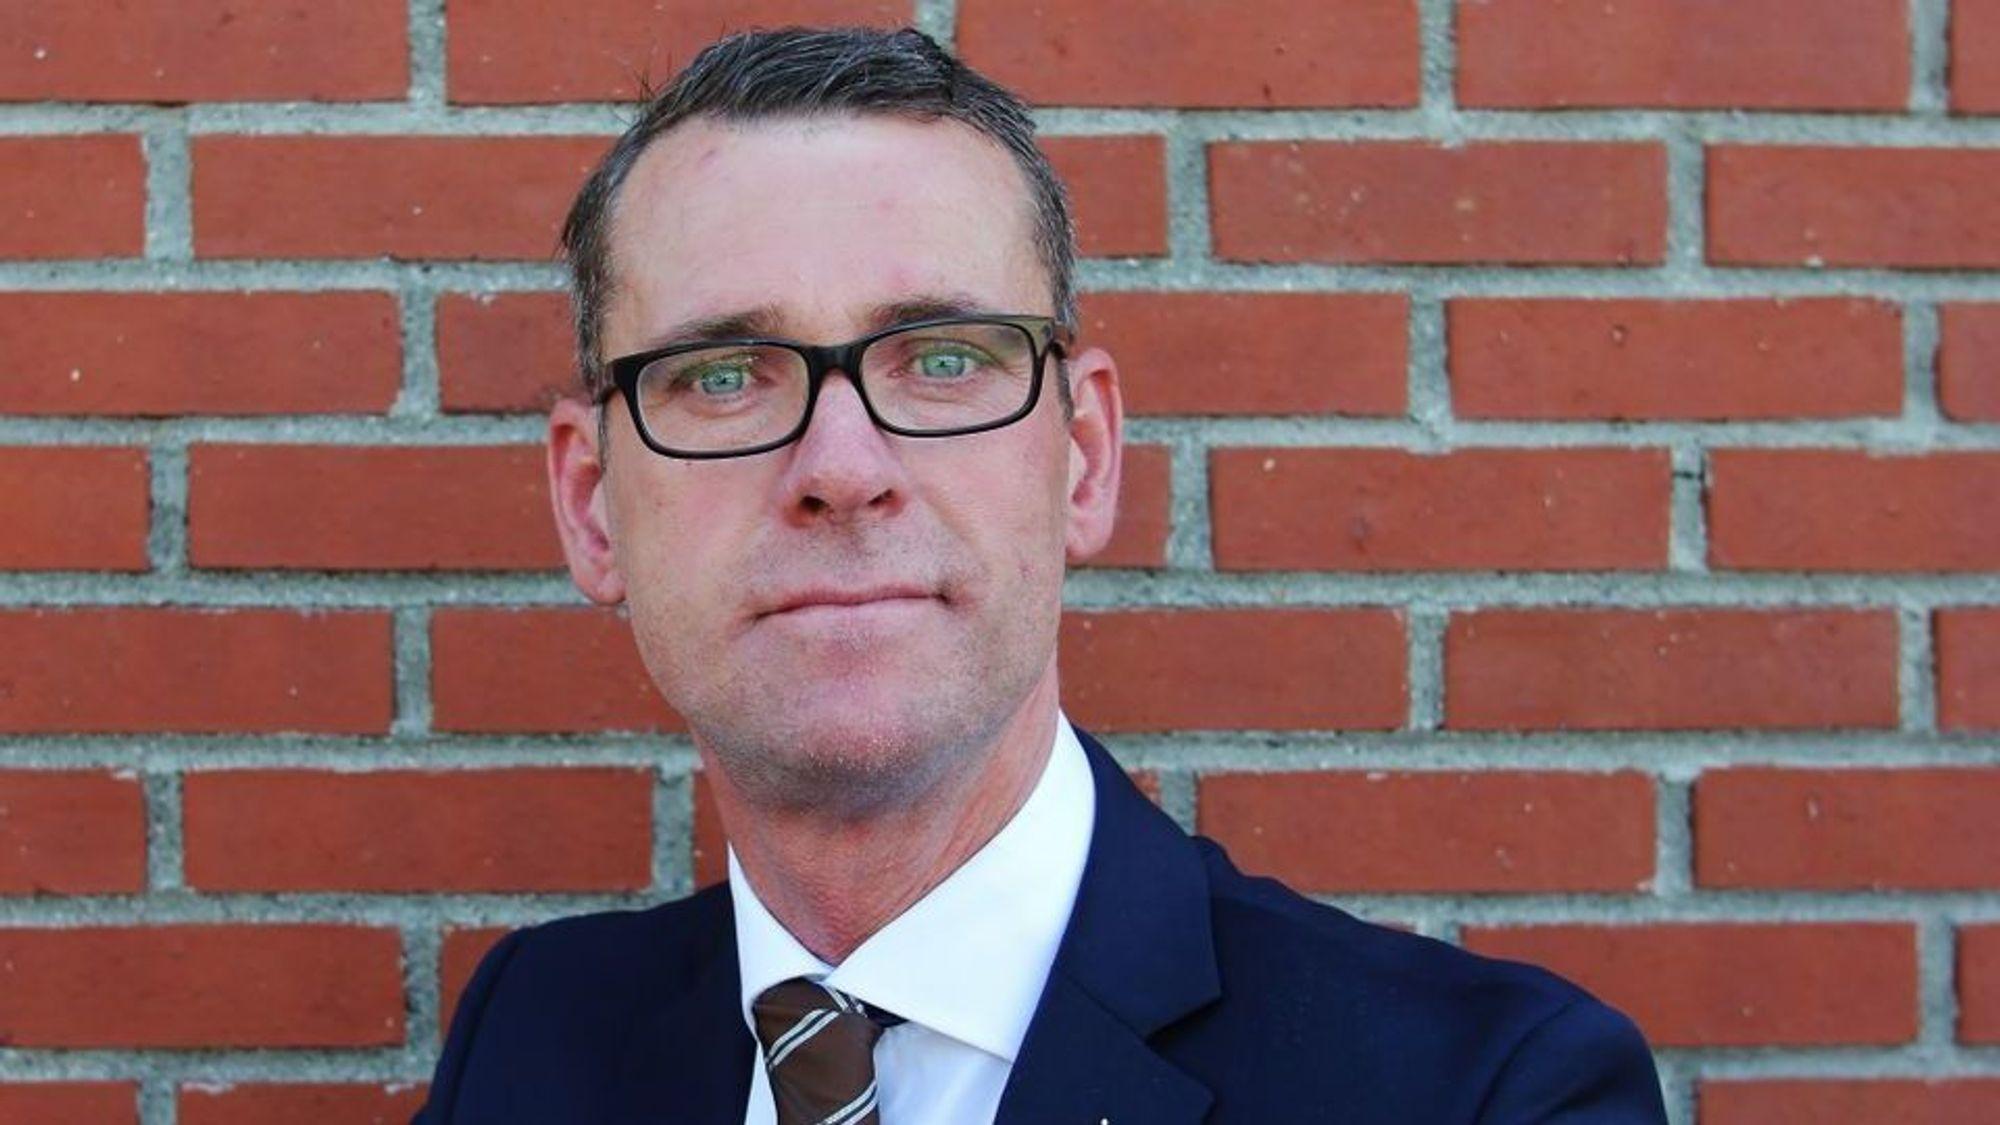 John Ommund Syvertsen